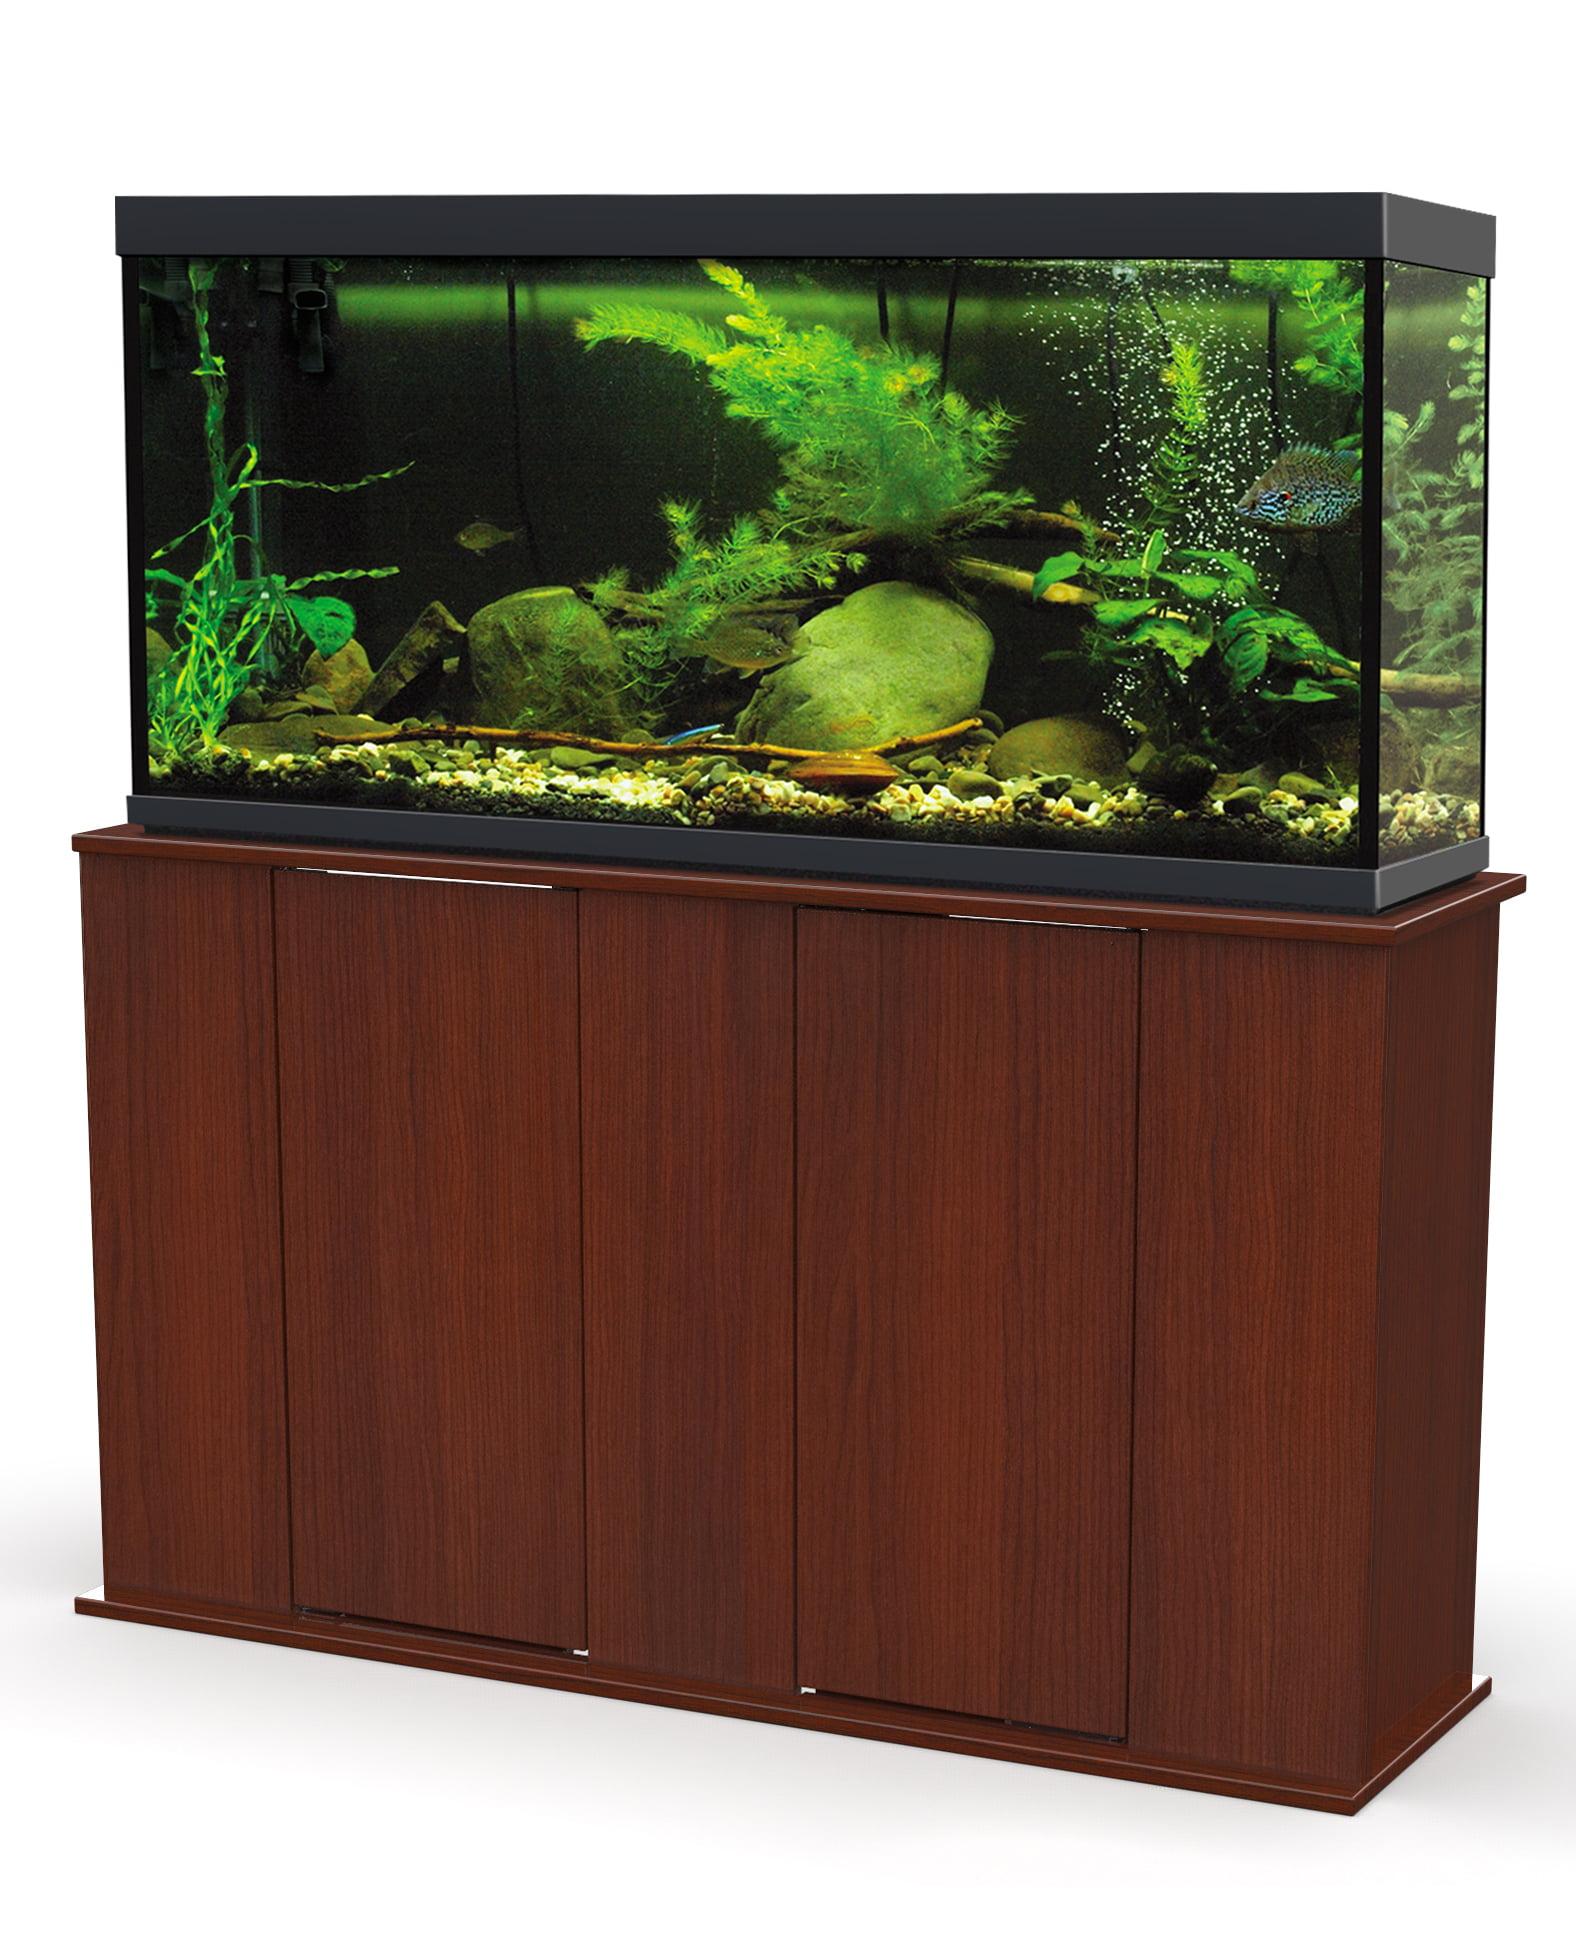 Upright Aquarium Stand Oak 55 Gallon Walmart Com Walmart Com